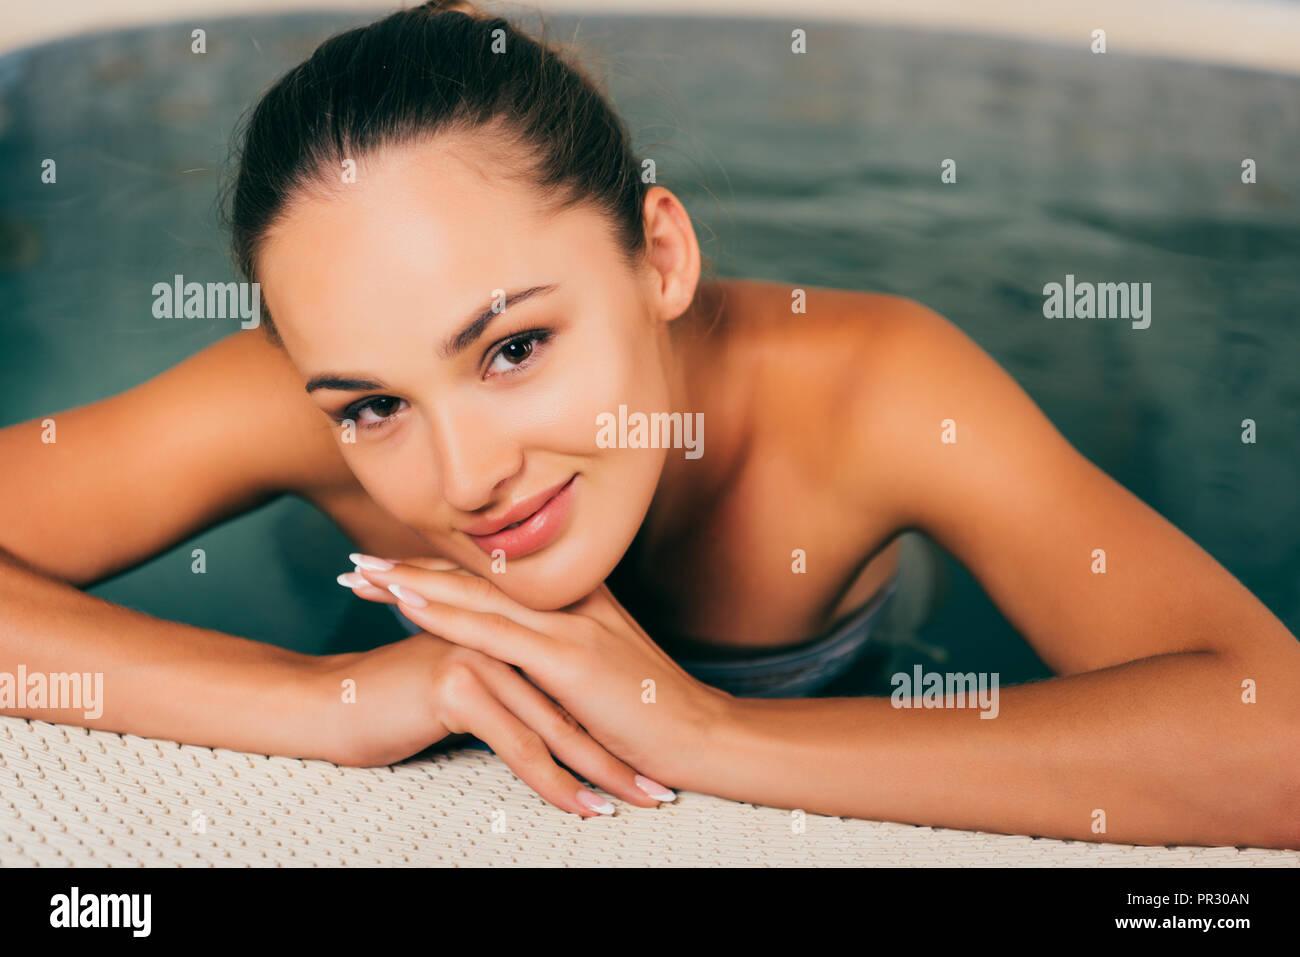 Donna rilassante in piscina e guardando la fotocamera Immagini Stock